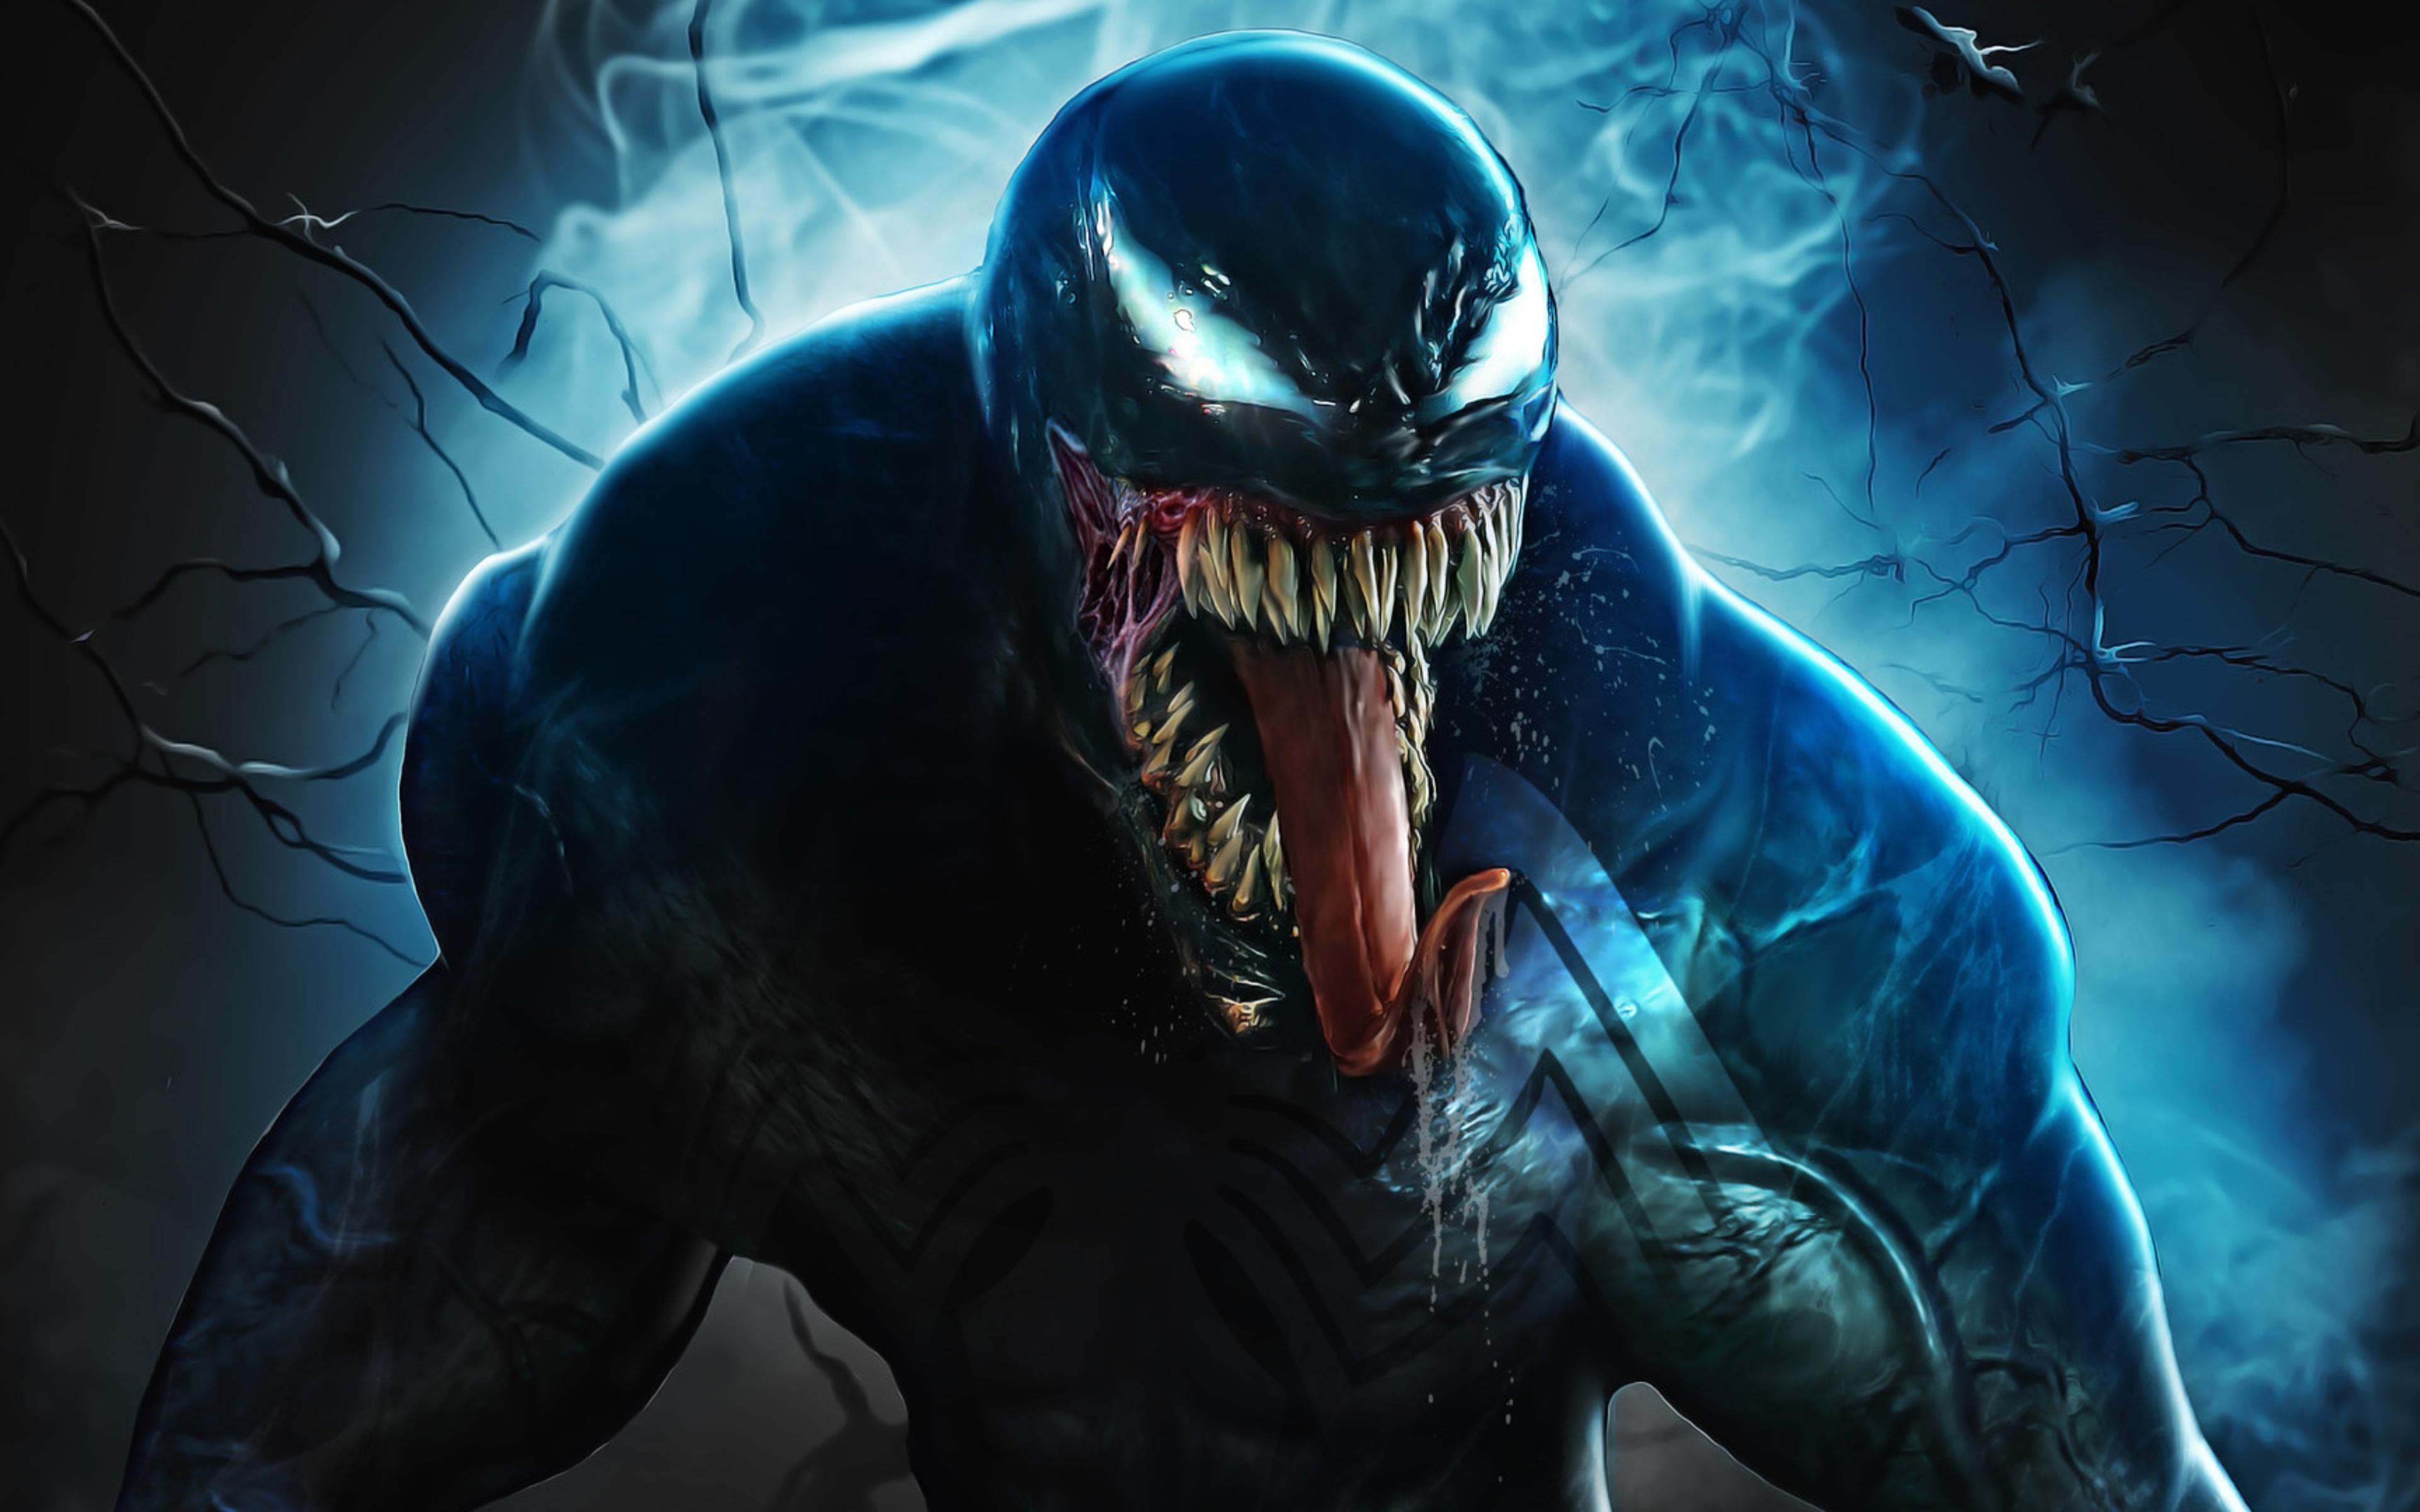 3840x2400 Venom Movie Fan Art 4k HD 4k Wallpapers, Images ...